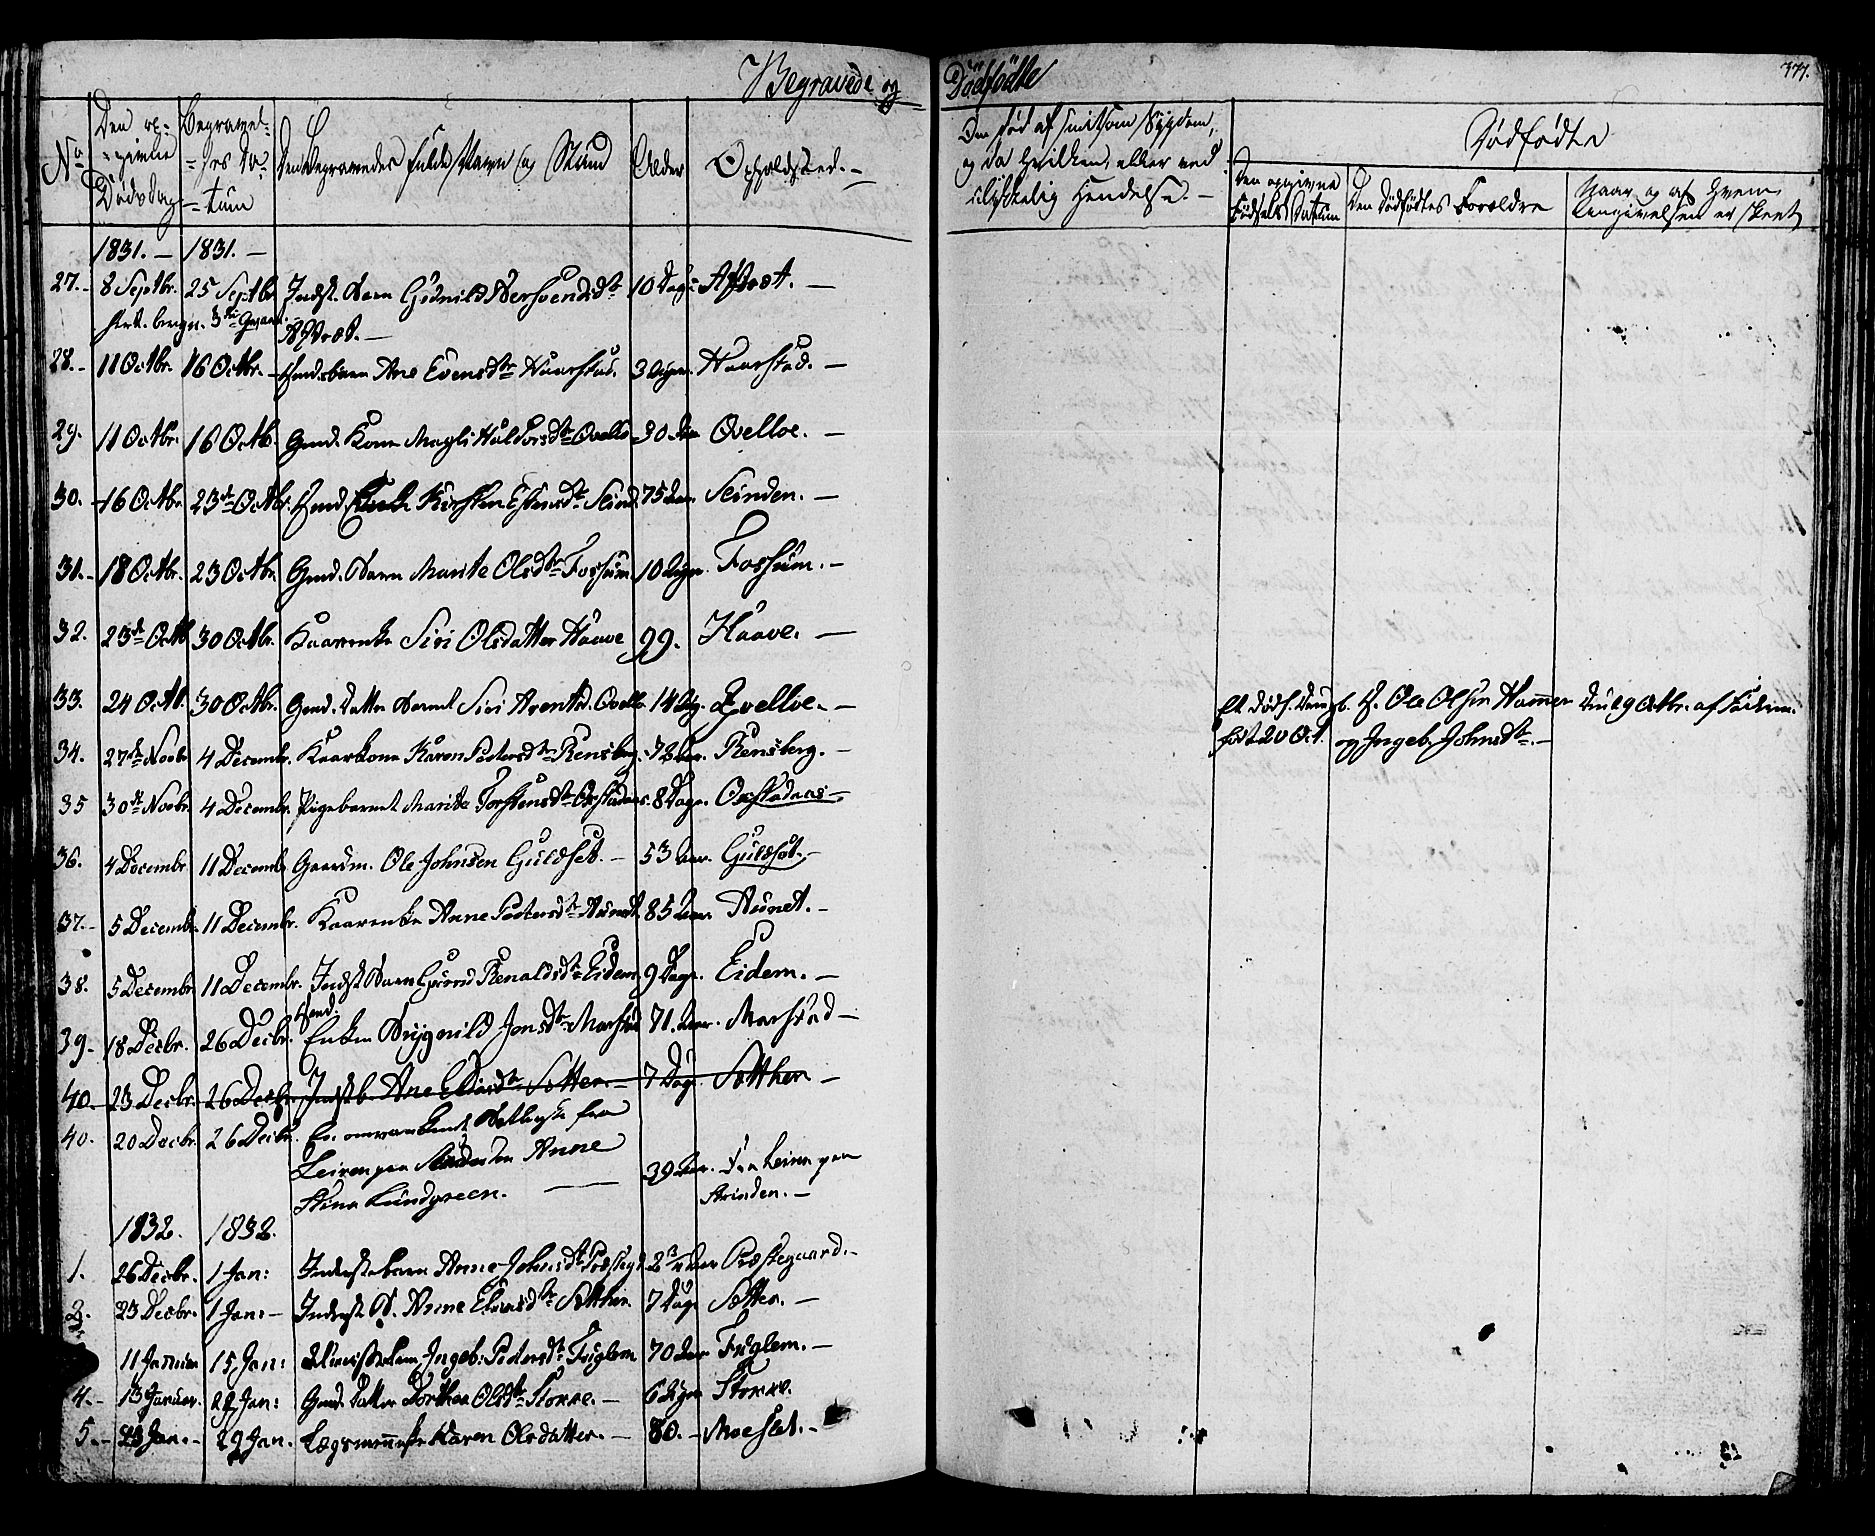 SAT, Ministerialprotokoller, klokkerbøker og fødselsregistre - Sør-Trøndelag, 695/L1143: Ministerialbok nr. 695A05 /1, 1824-1842, s. 377